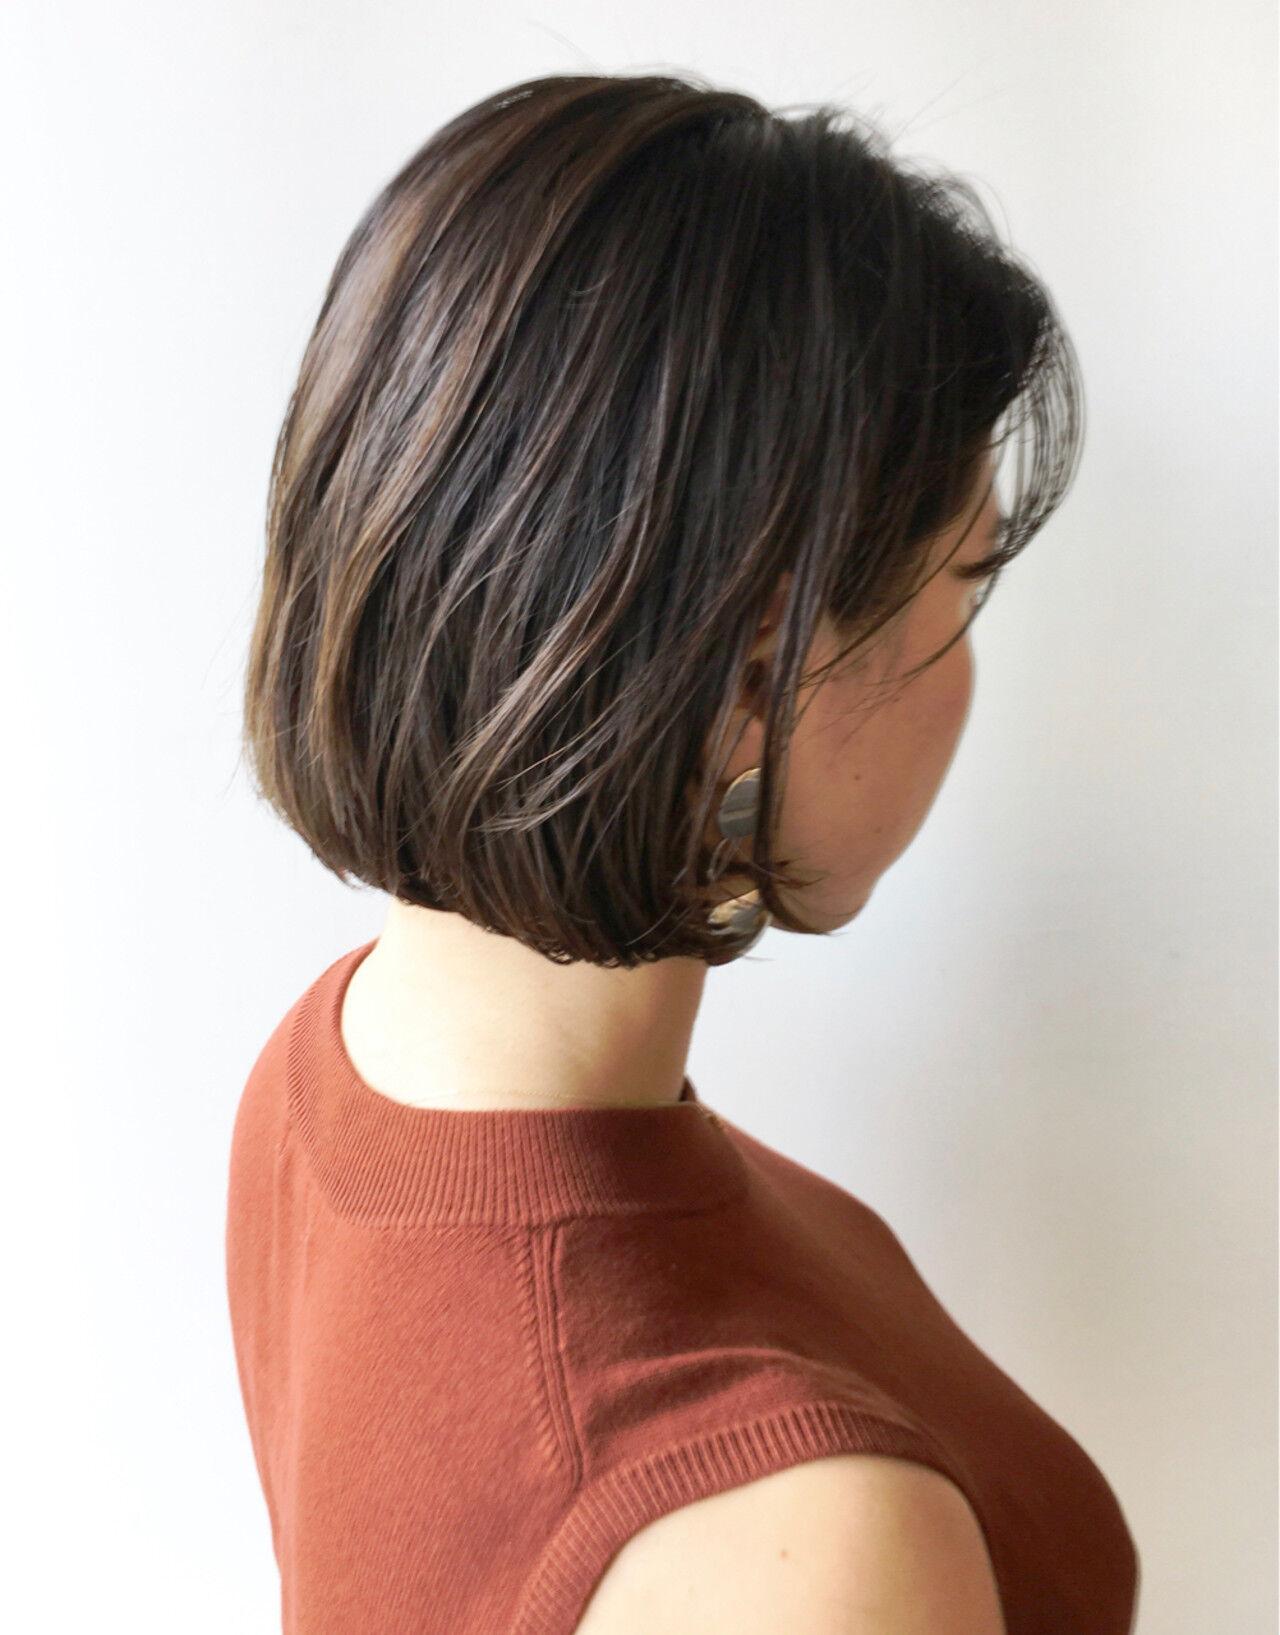 大人かわいい ナチュラル ハイライト 透明感ヘアスタイルや髪型の写真・画像